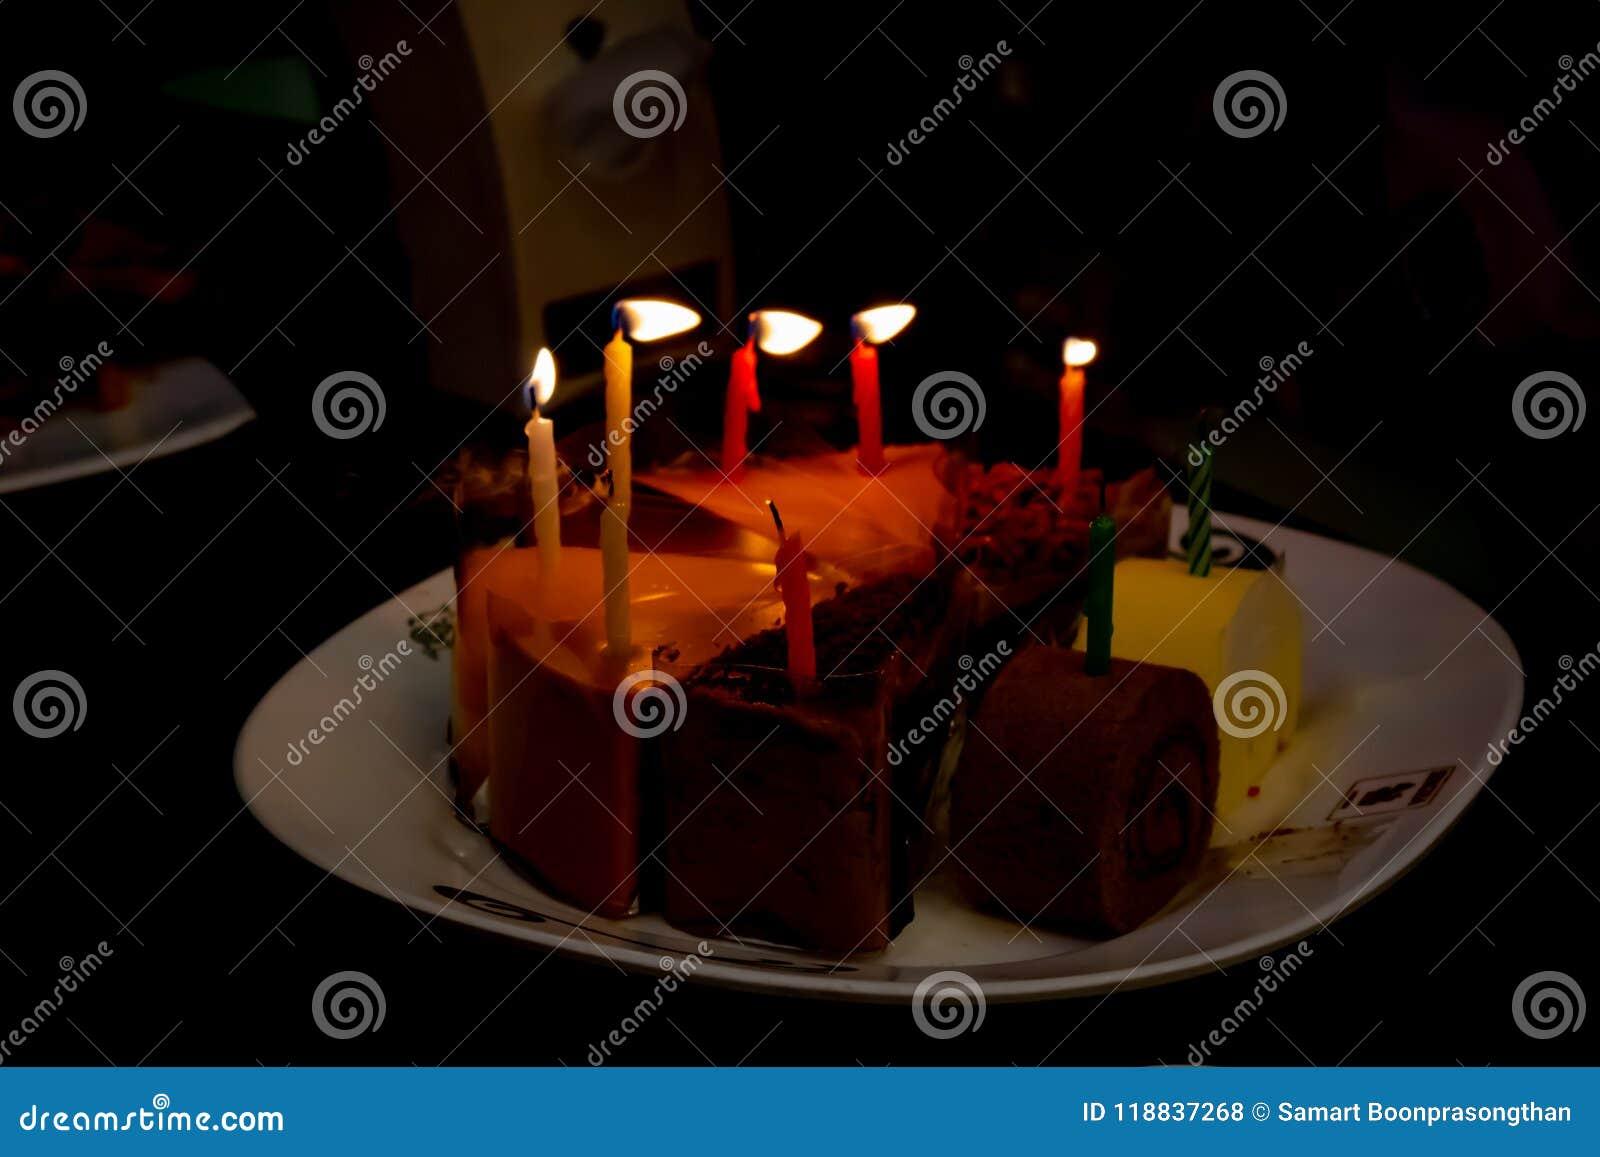 Geburtstagskuchen, Schnitt in die Dreiecke geschmackvoll